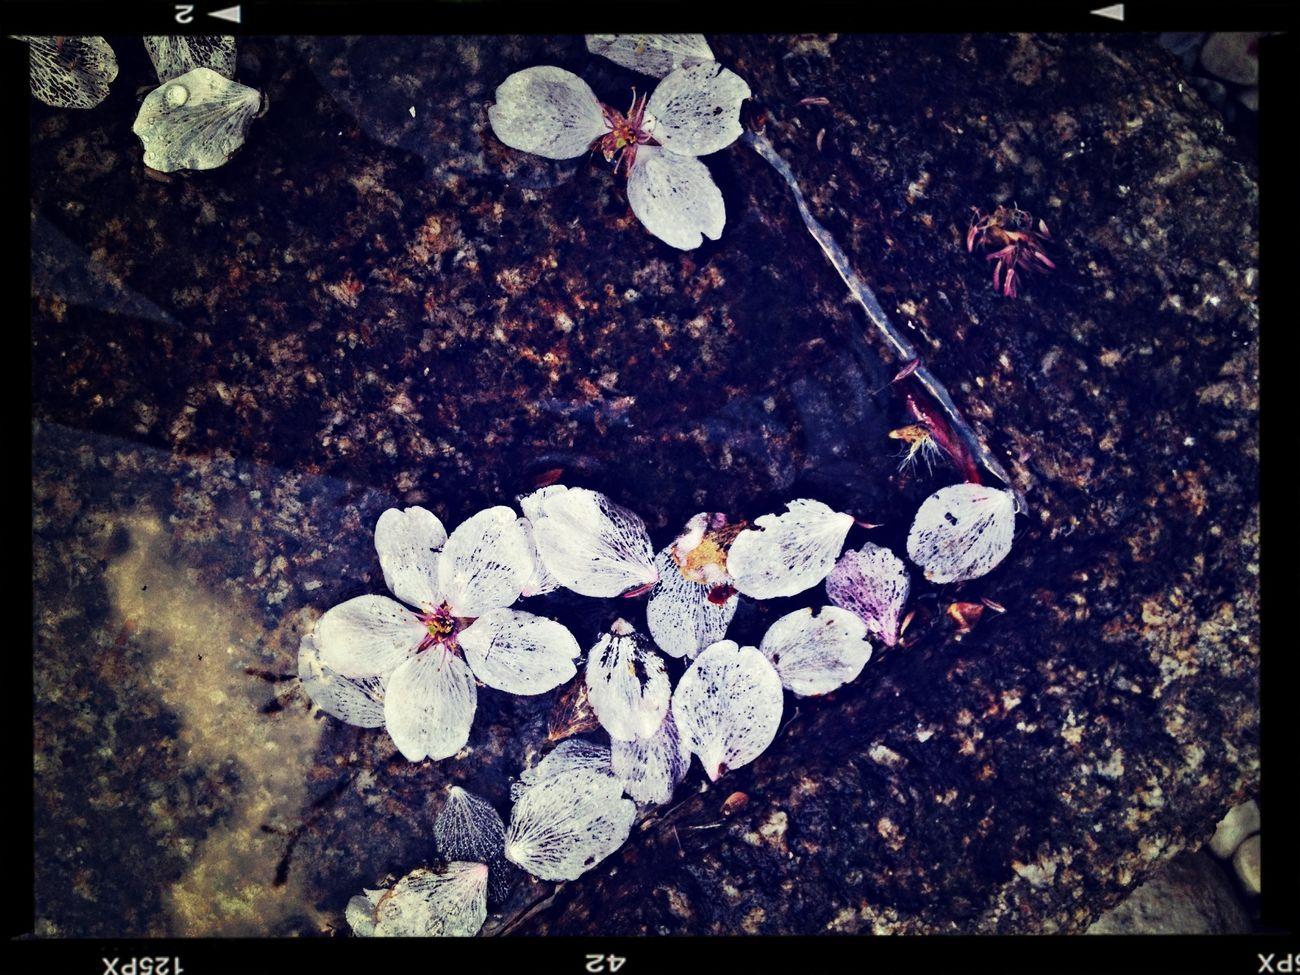 散り際の余韻 櫻 淡い花びら